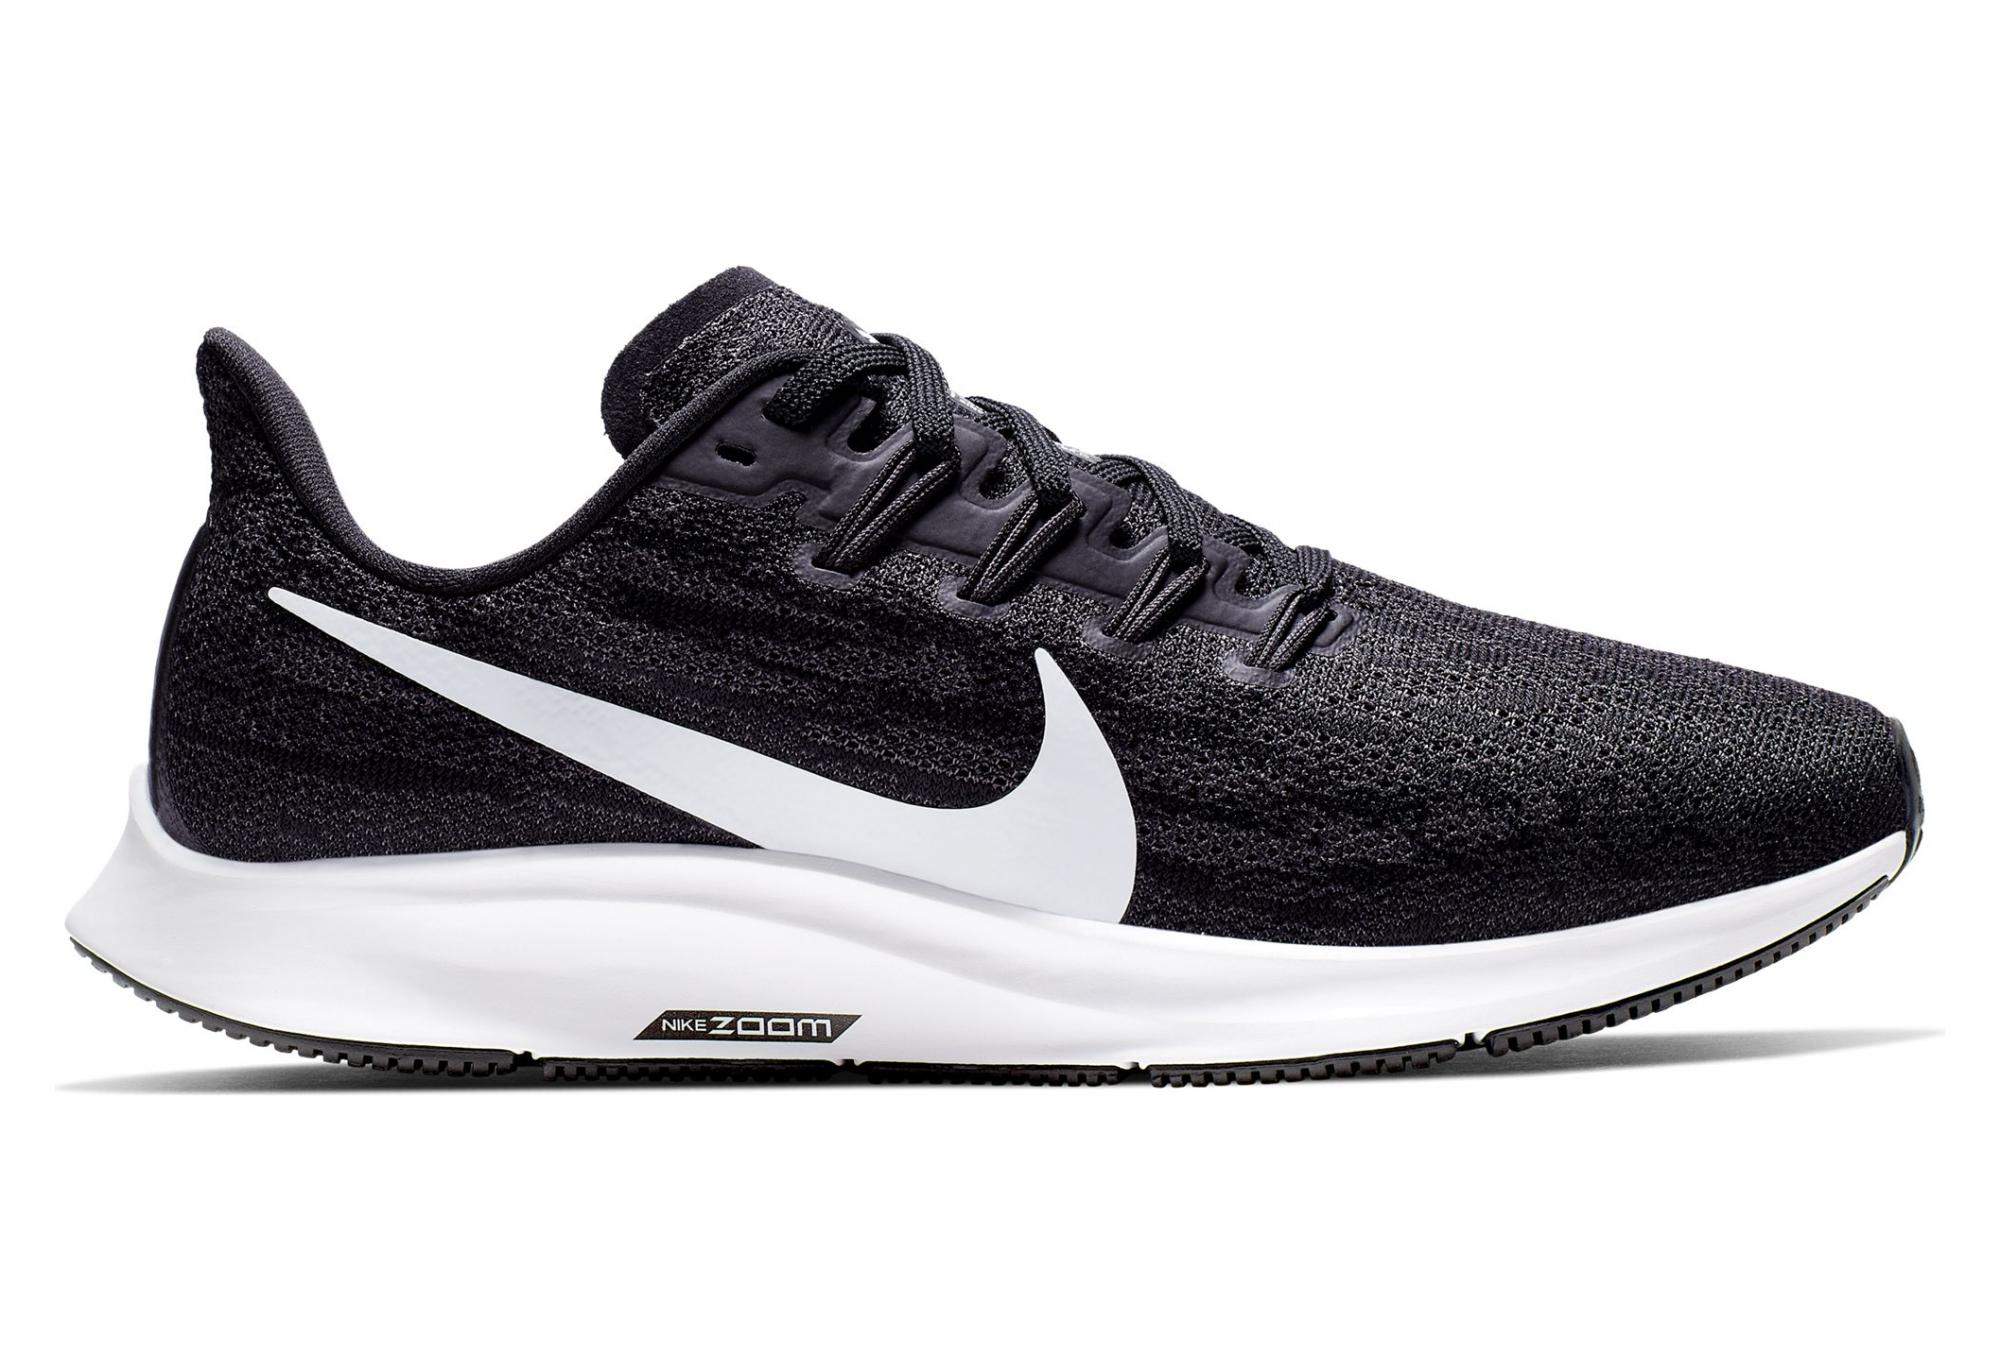 adidas boston boost nike zoom elite